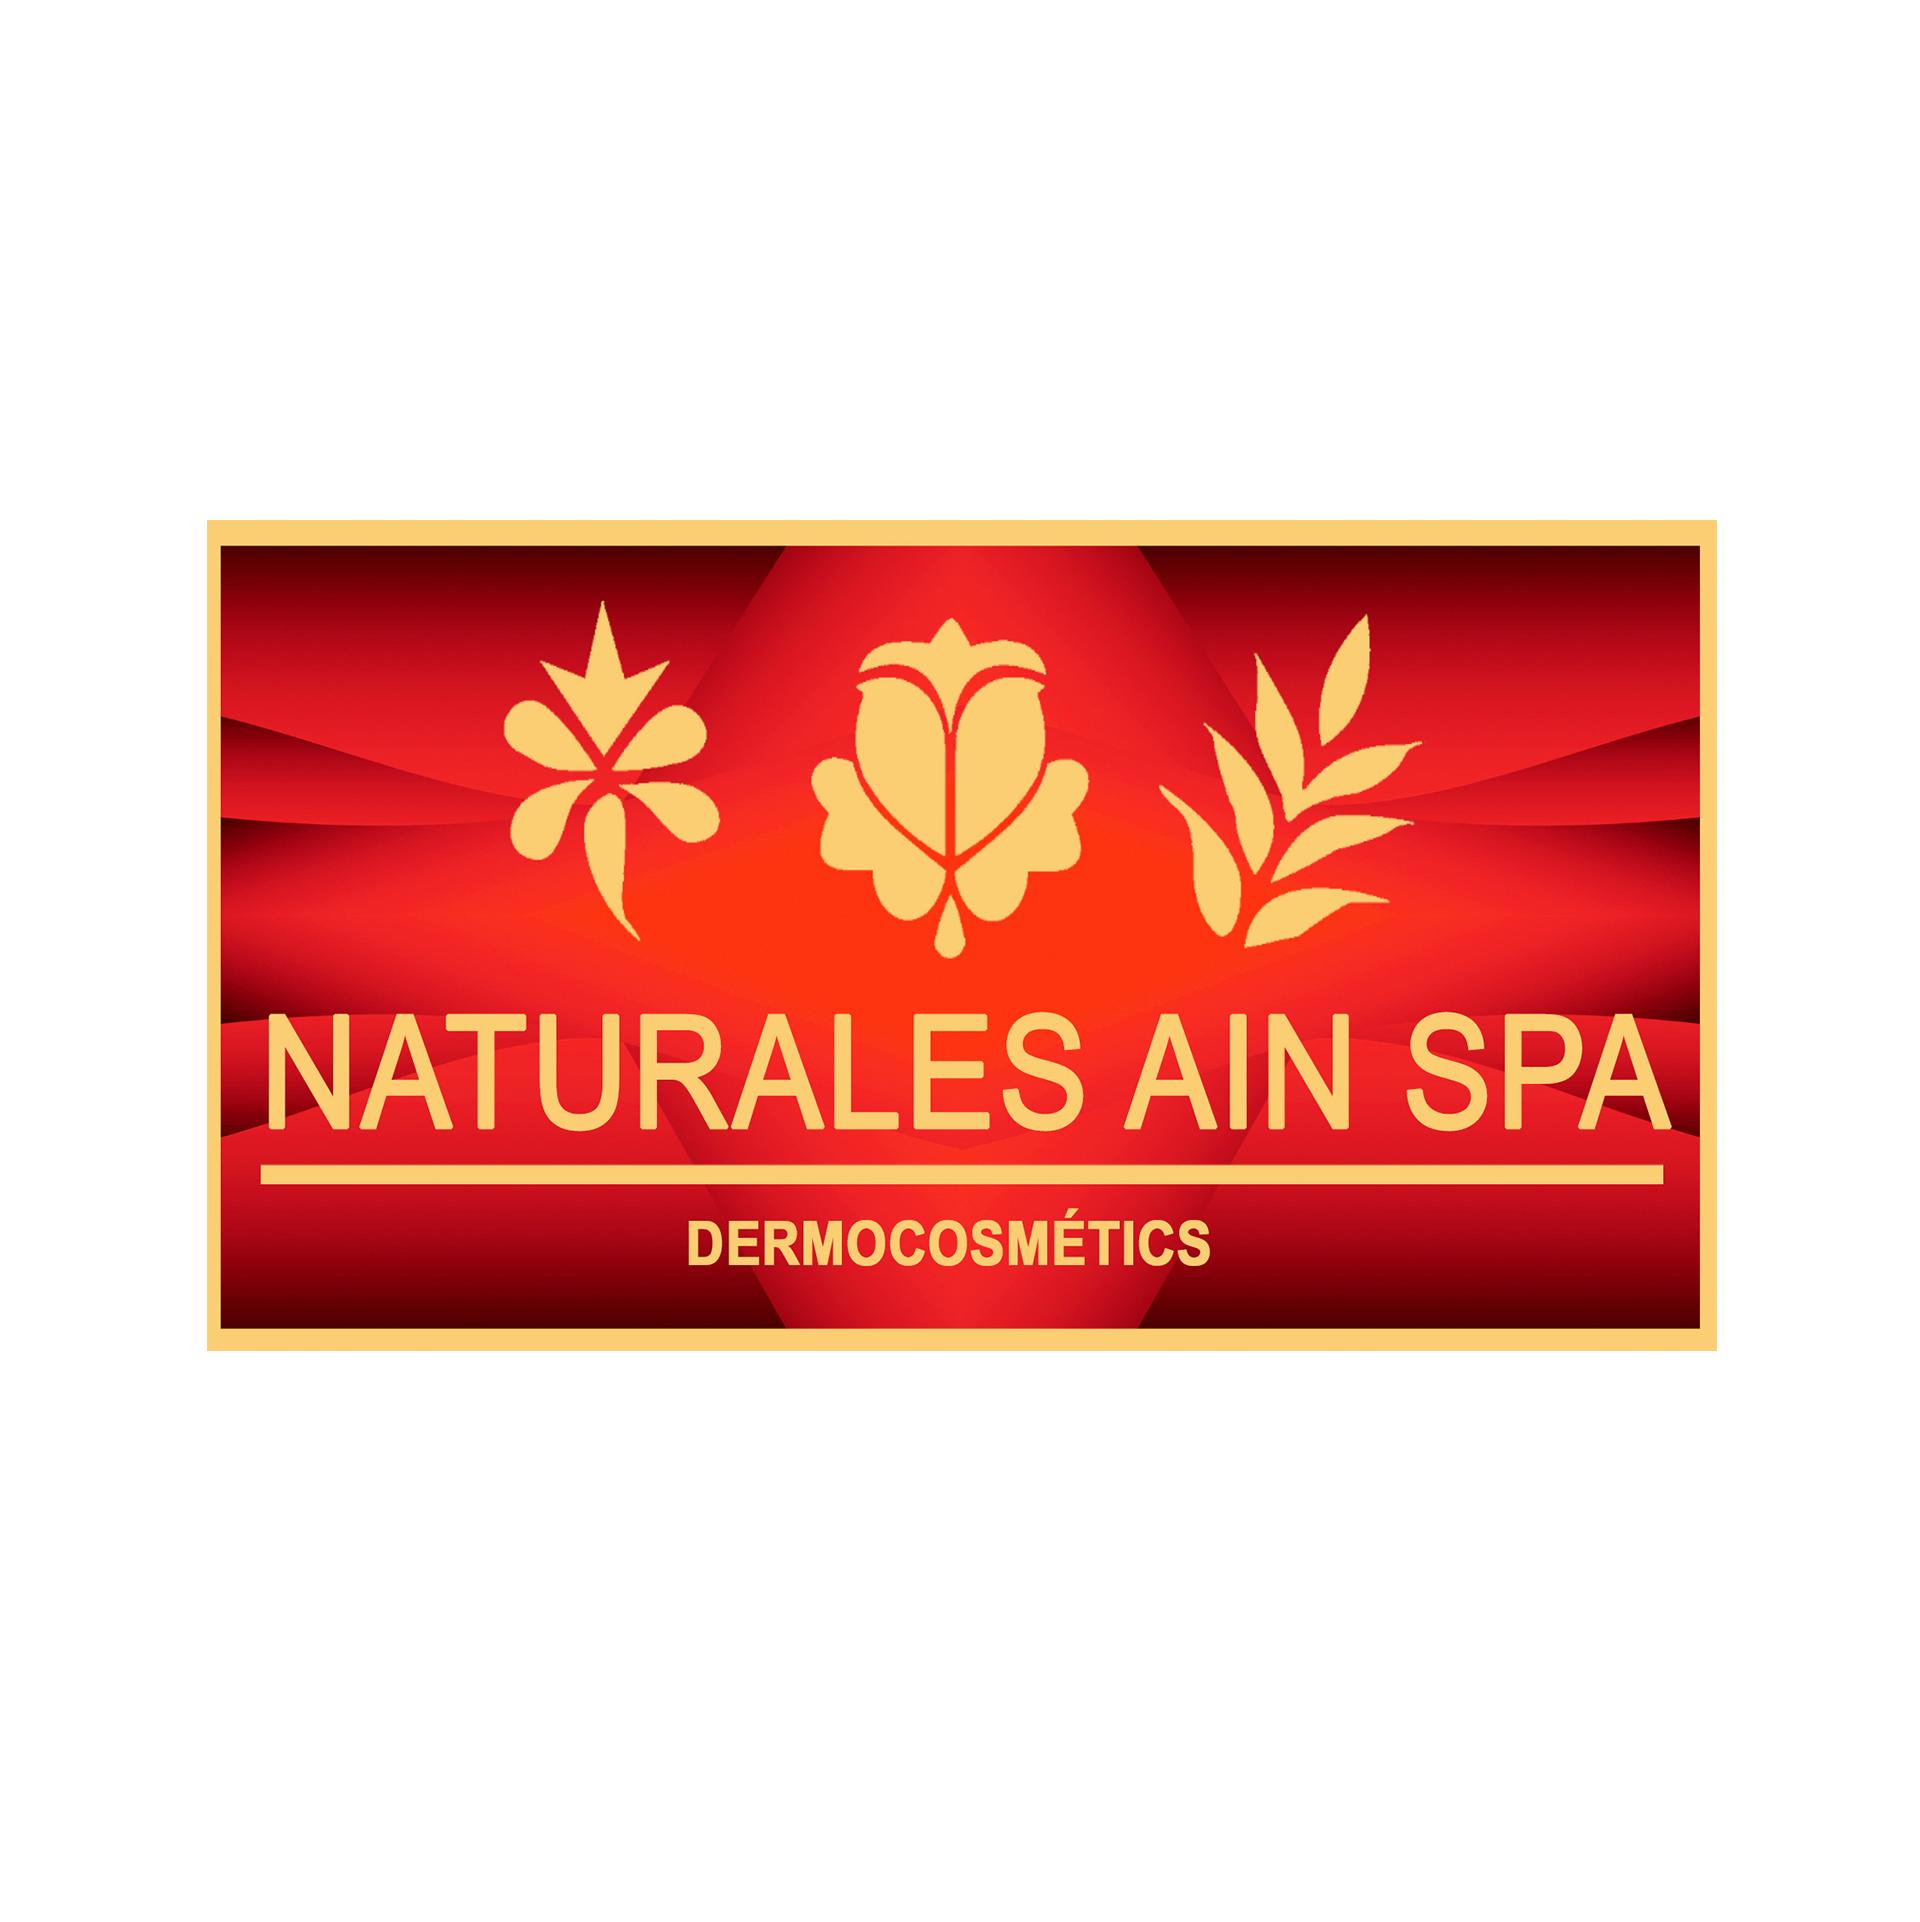 NATURALES AIN SPA